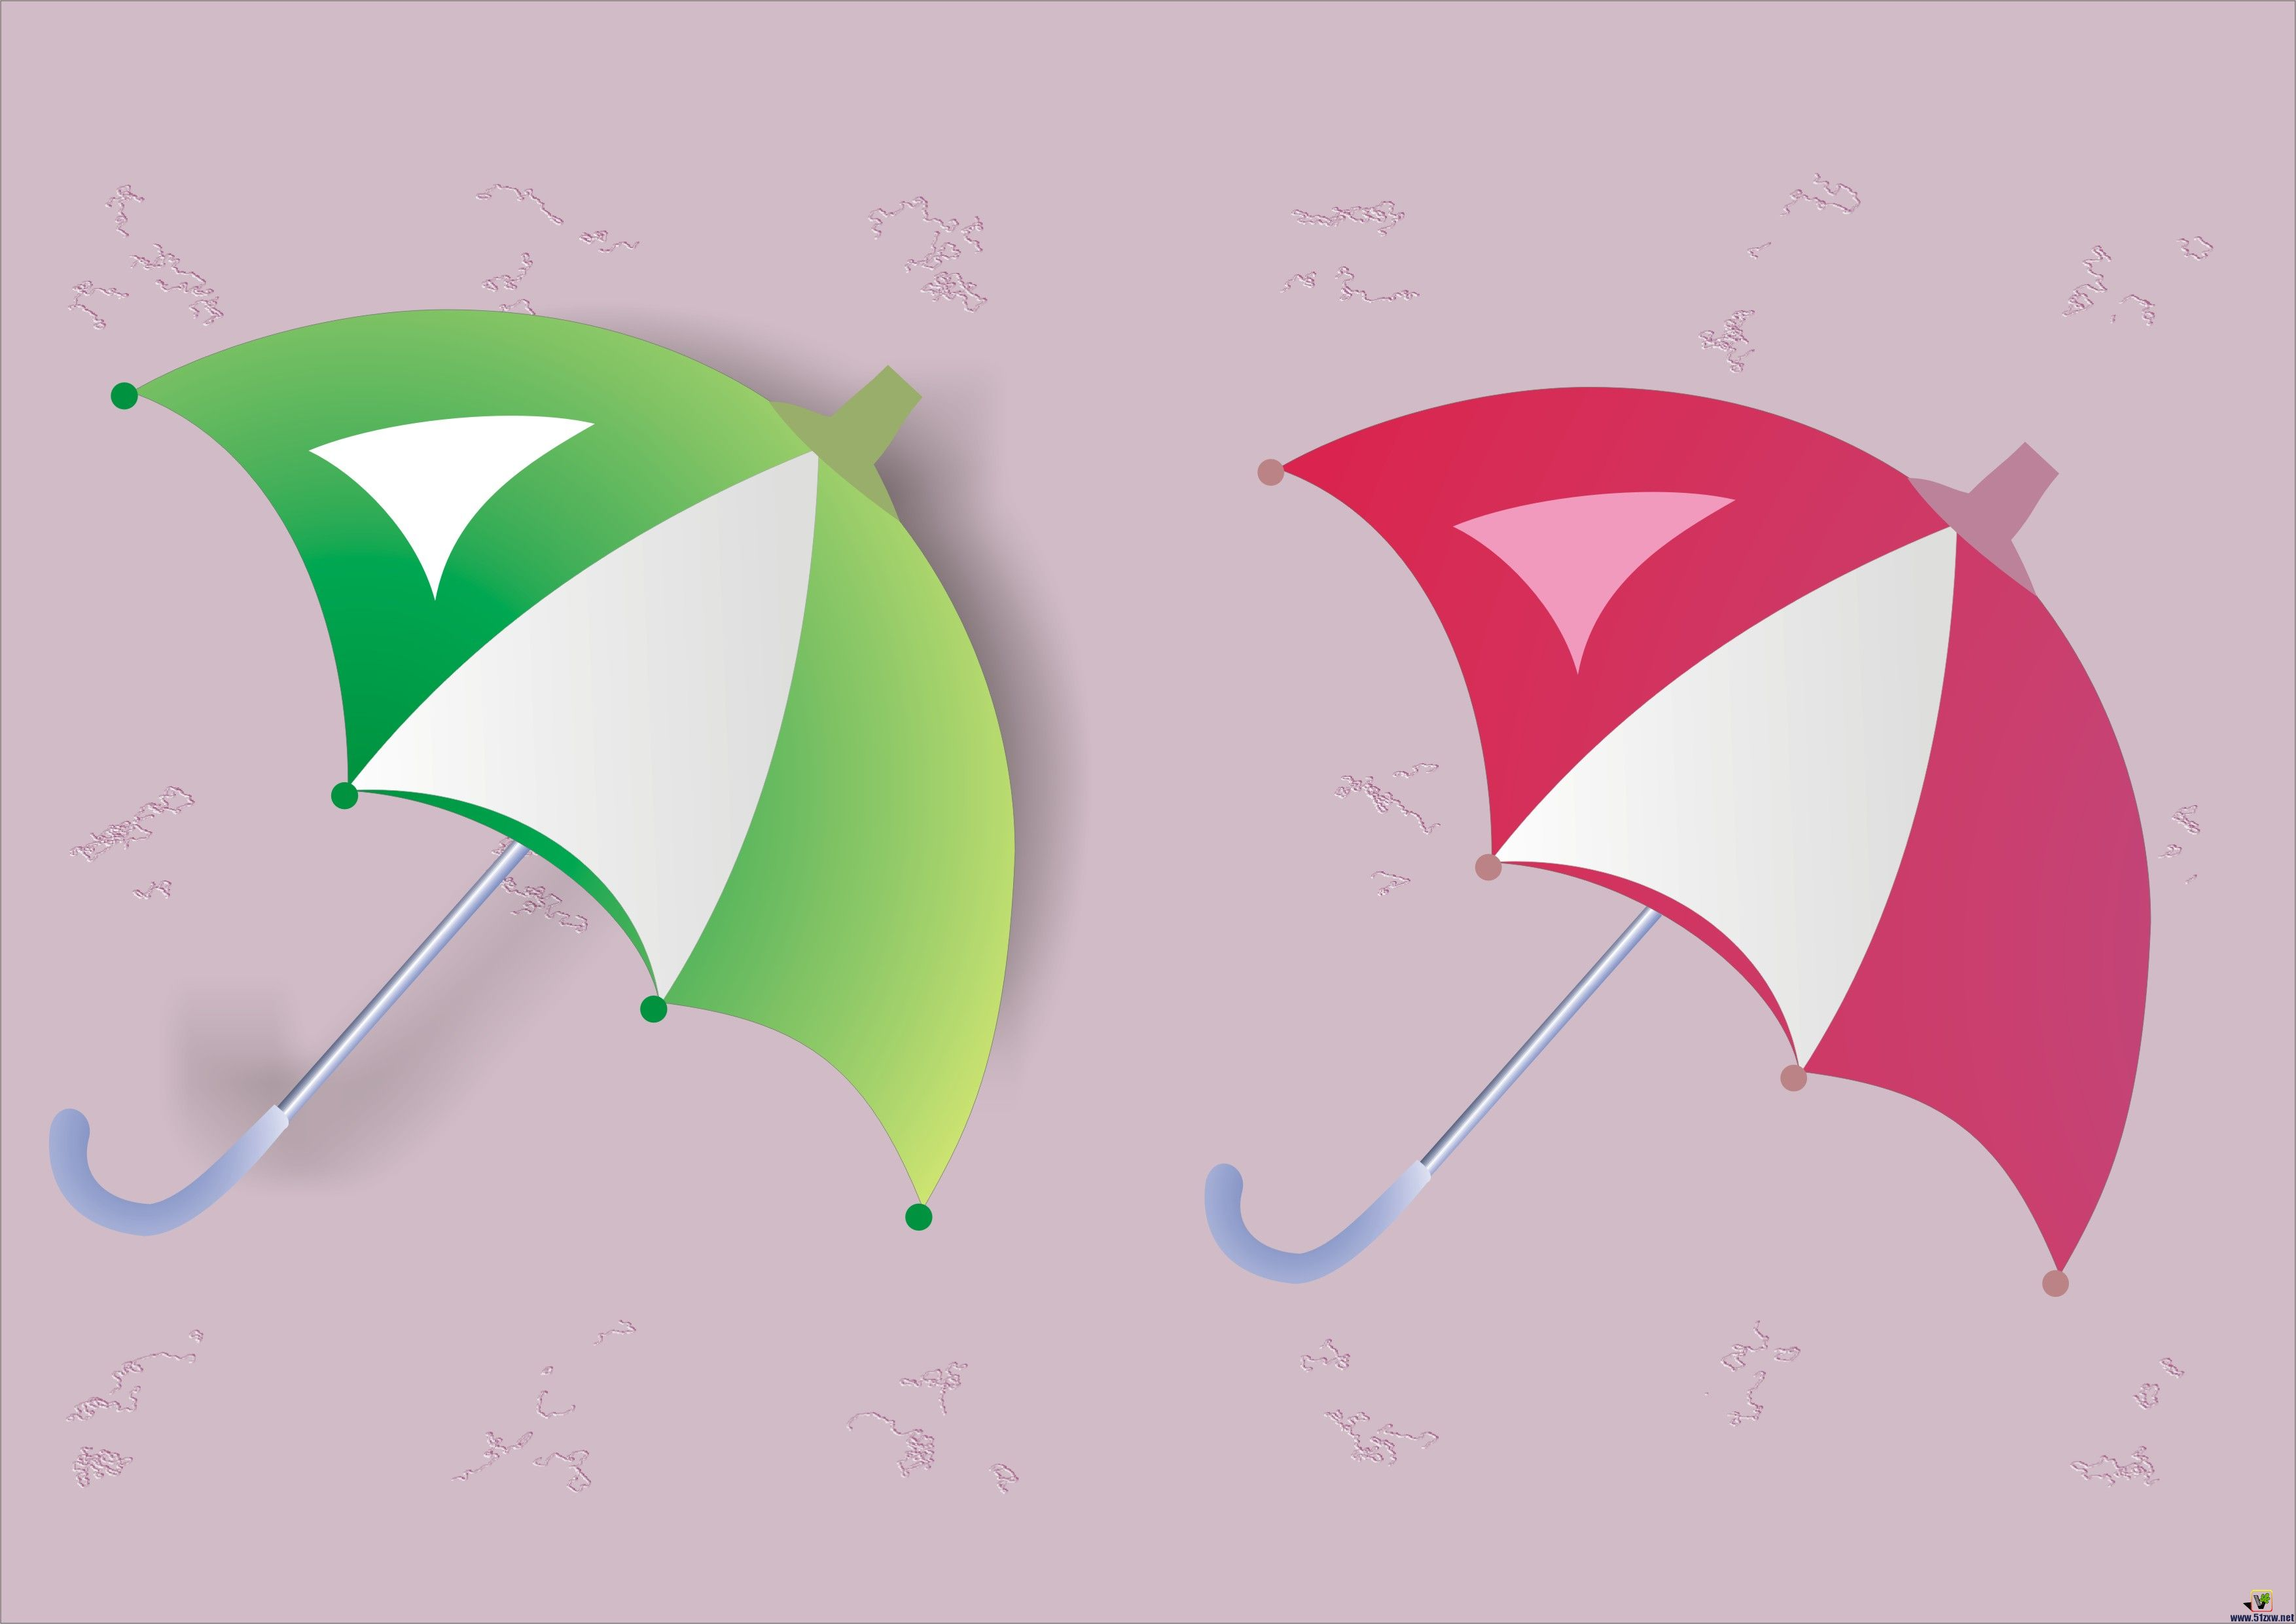 雨伞的制作[51自学网园地]